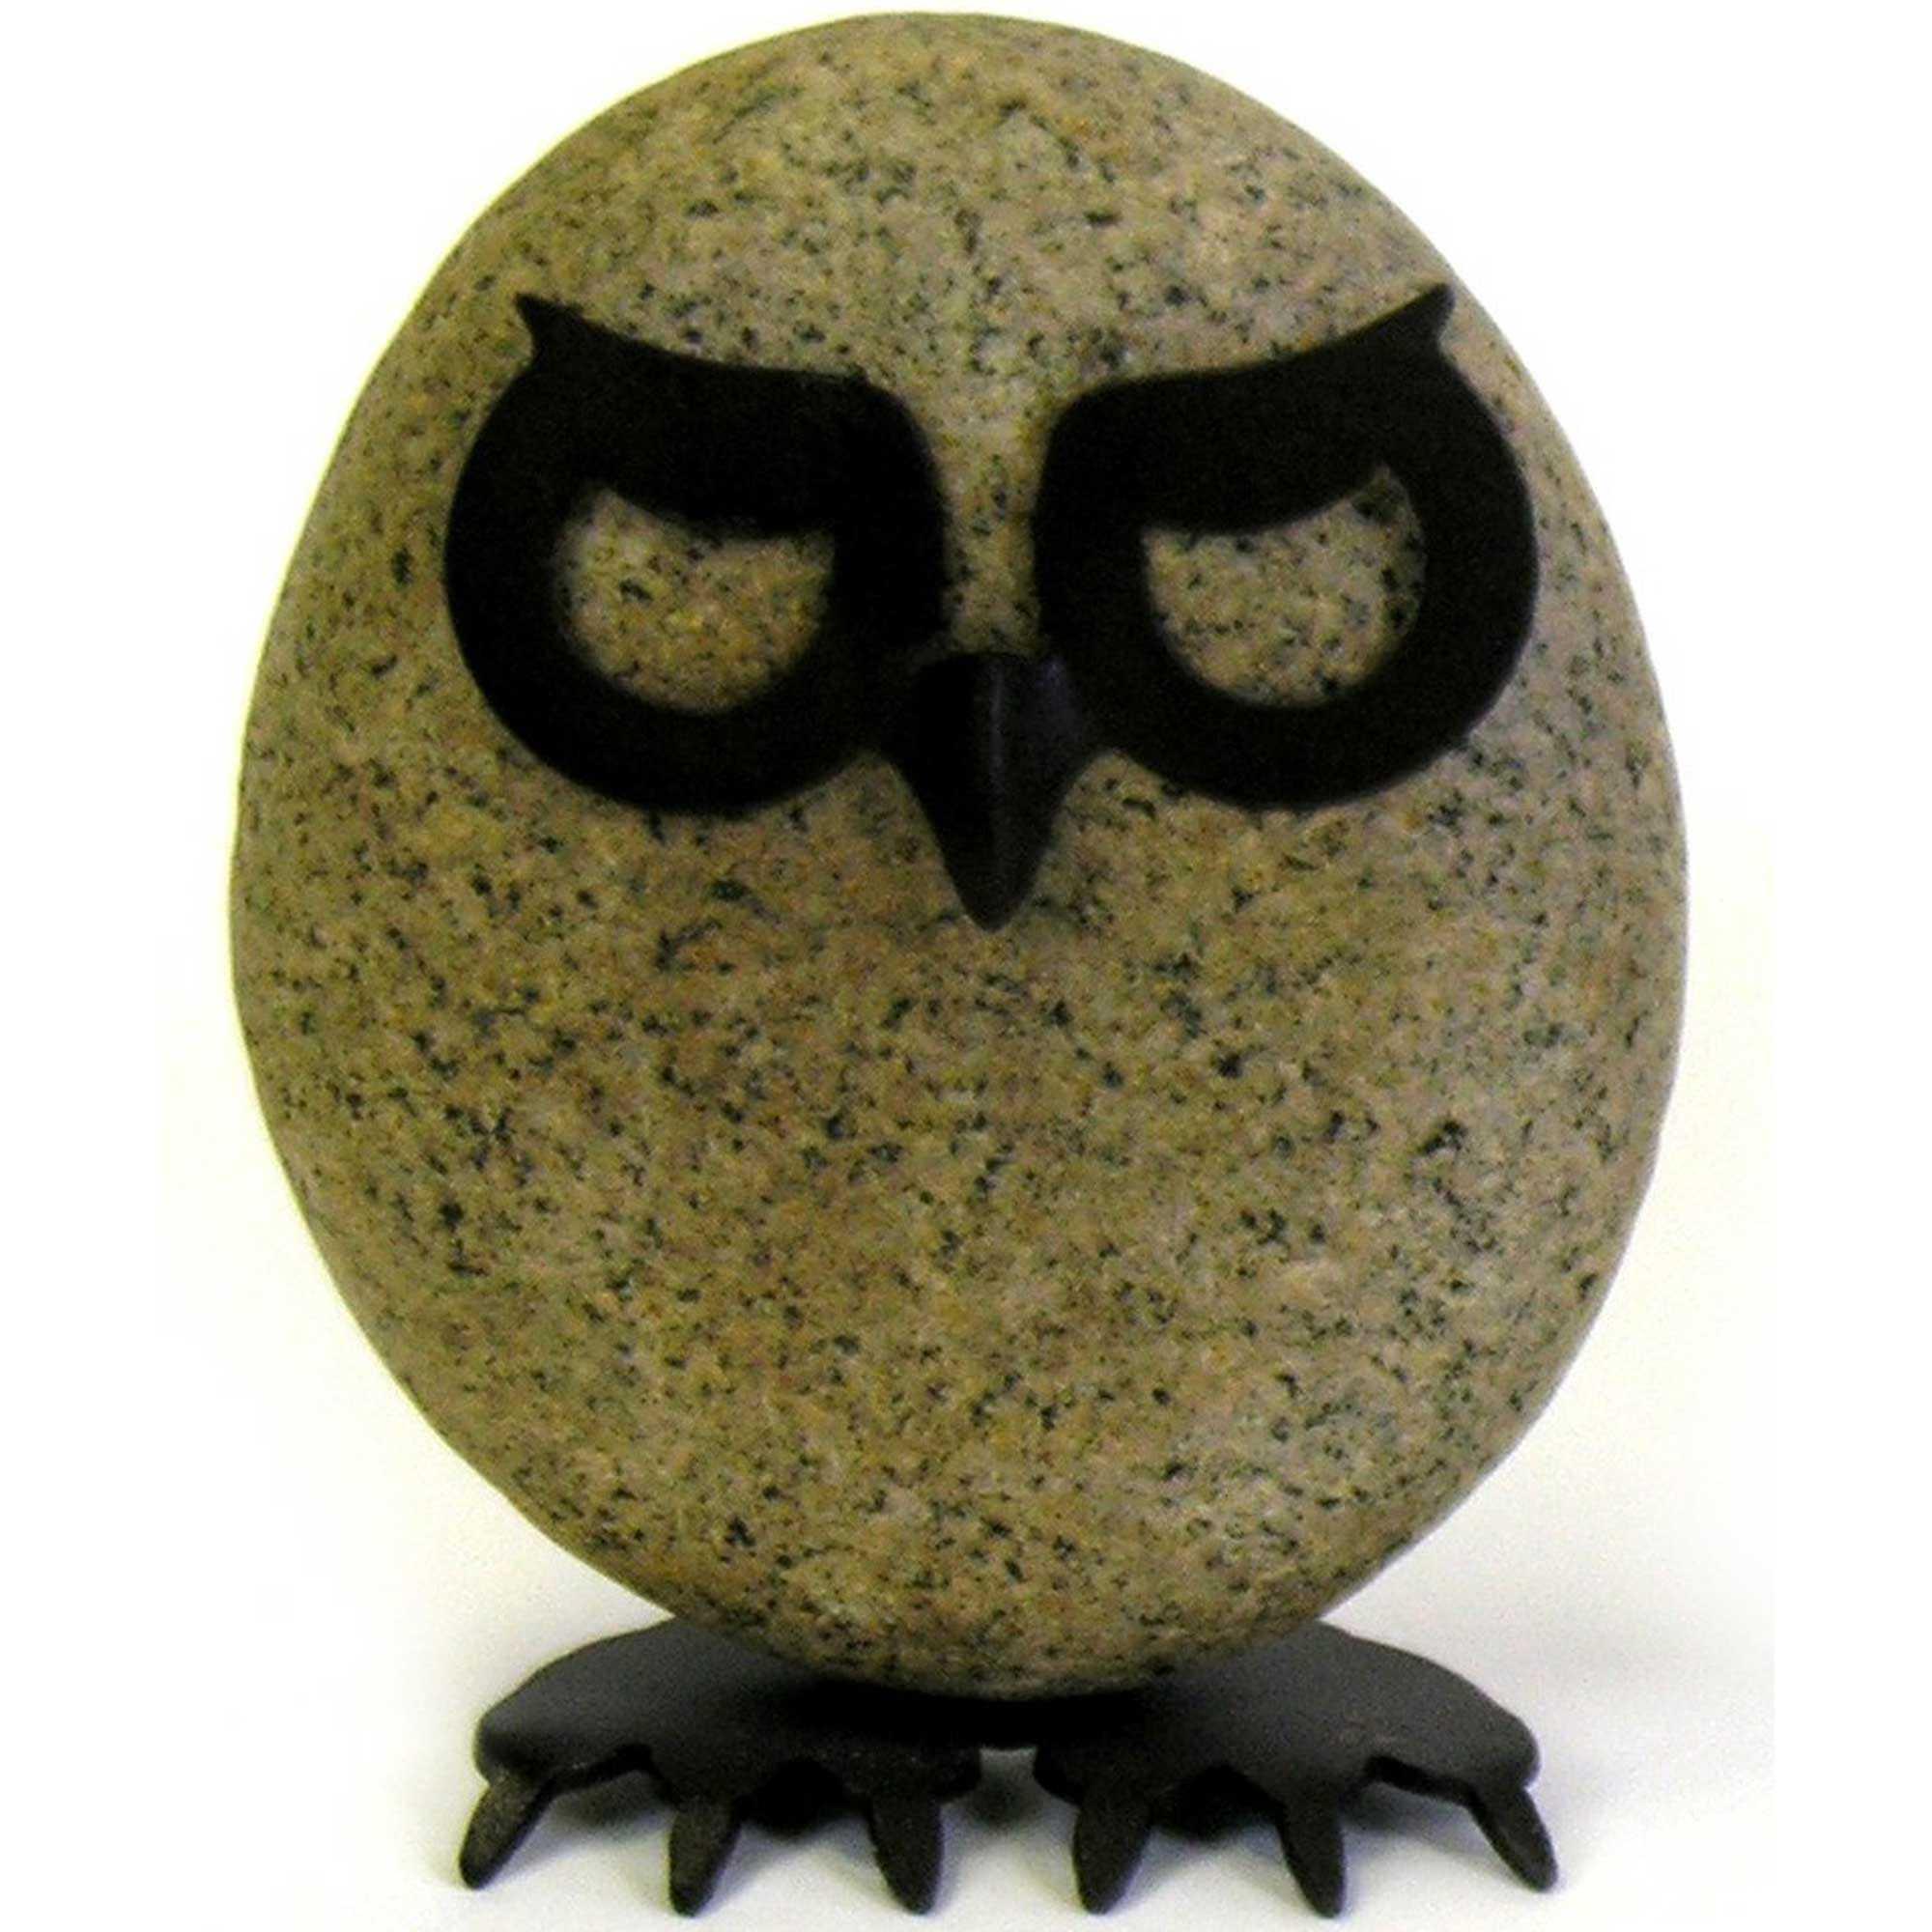 Owl 8 Inch Rock Garden Yard Art Sculpture | DFOHome